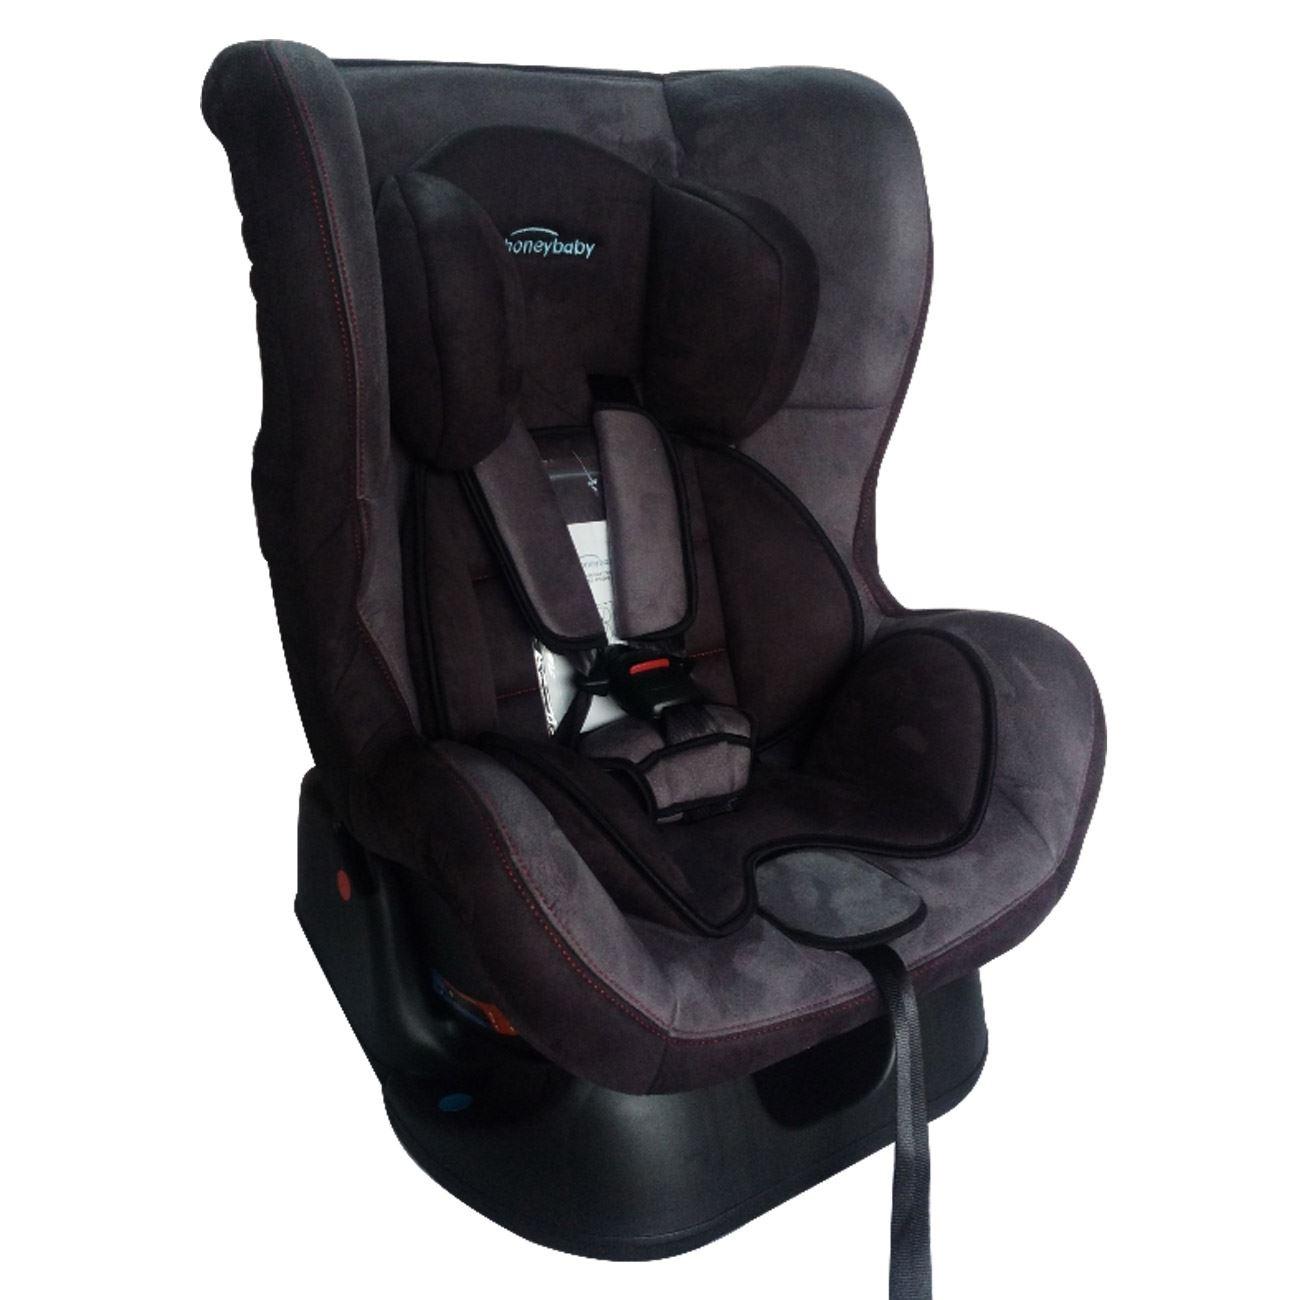 Παιδικό Κάθισμα Αυτοκινήτου Μαύρο Γκρι   Καθίσματα 0-18 Κιλών  132d3f5425a